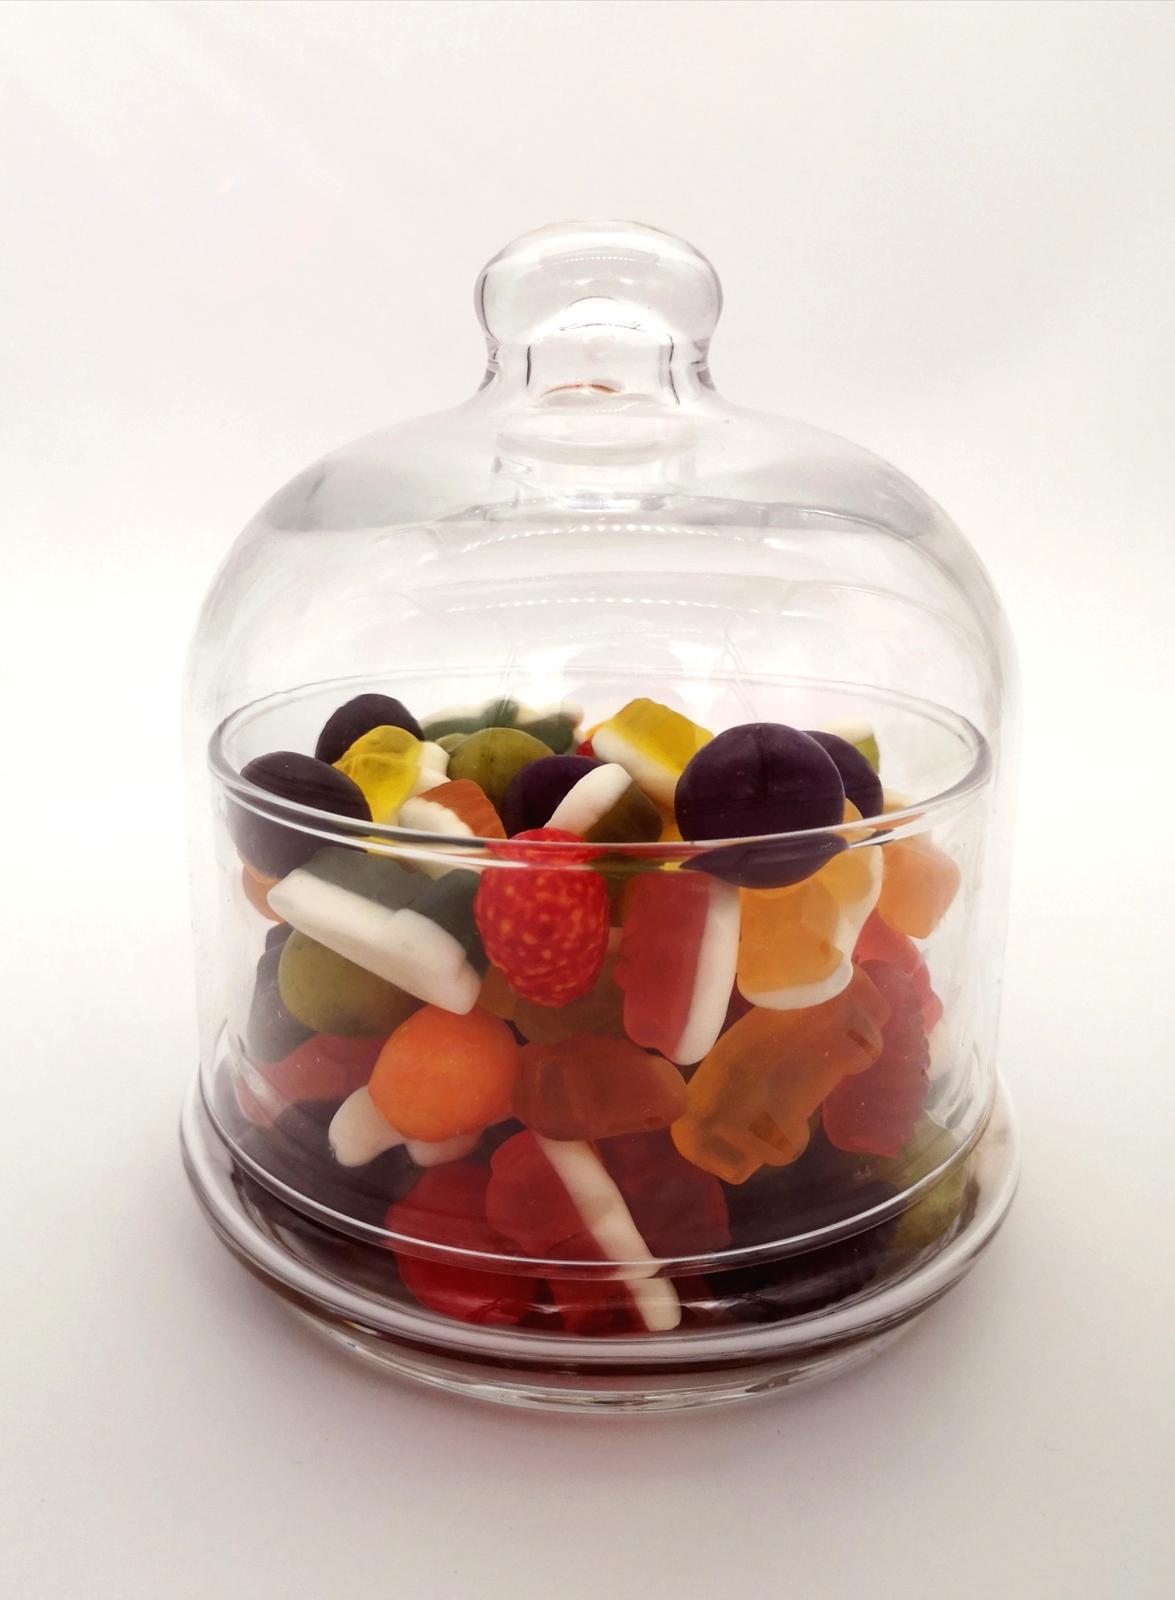 Prenájom - Nádobka na cukríky 13,4 cm - Obrázok č. 1